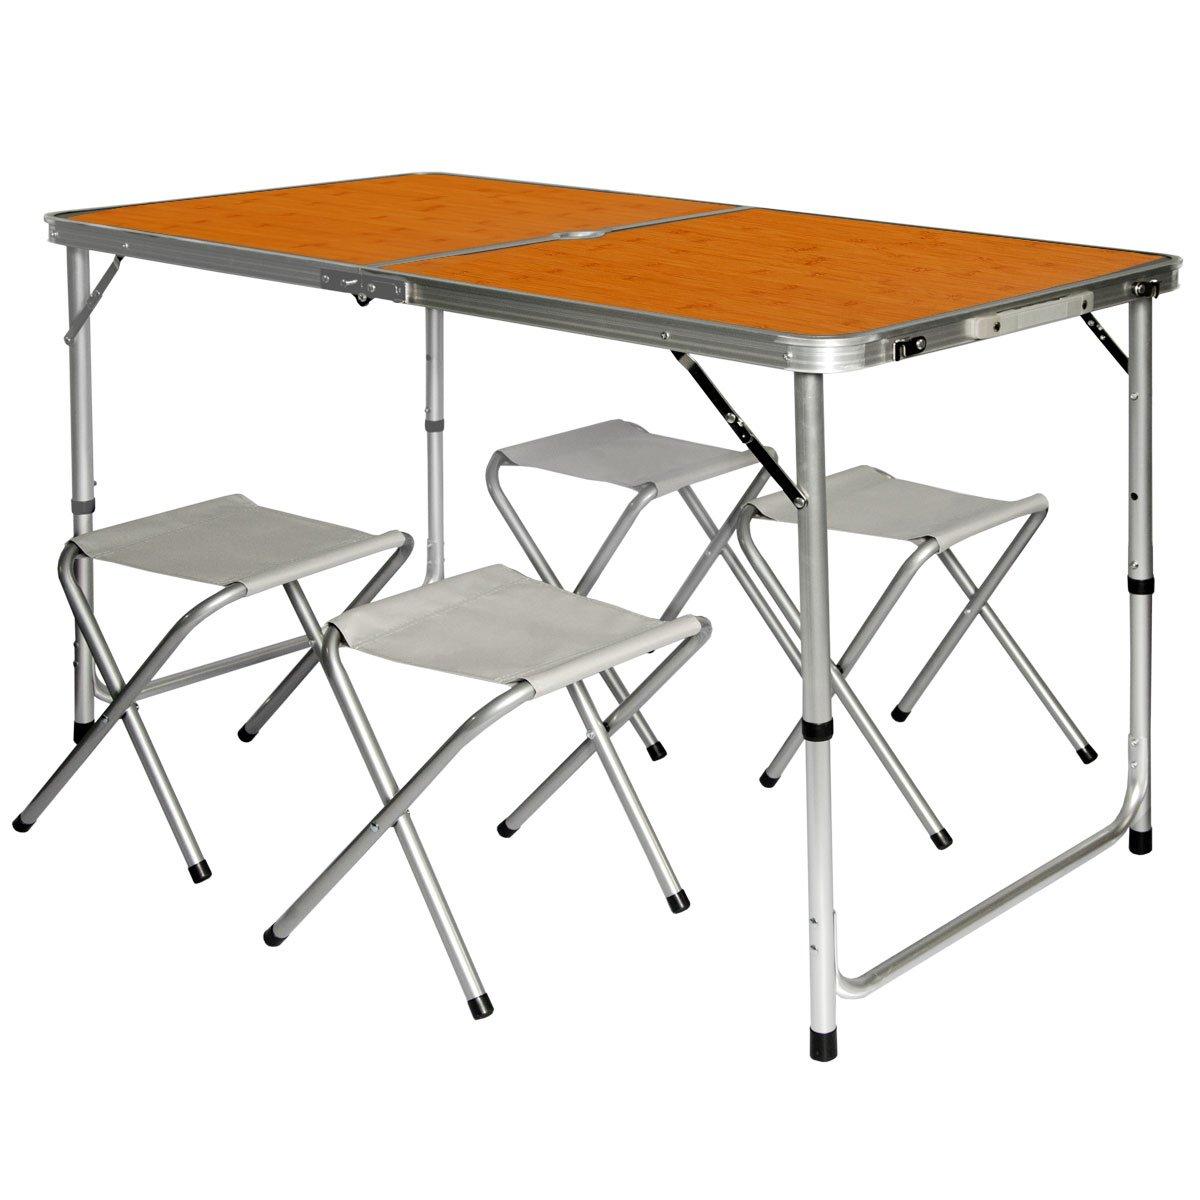 AMANKA Tavolino da pic-nic incl 4 Sgabelli Tavolo da campeggio 120x60x70cm altezza regolabile pieghevole formato valigia Bambù Omnideal